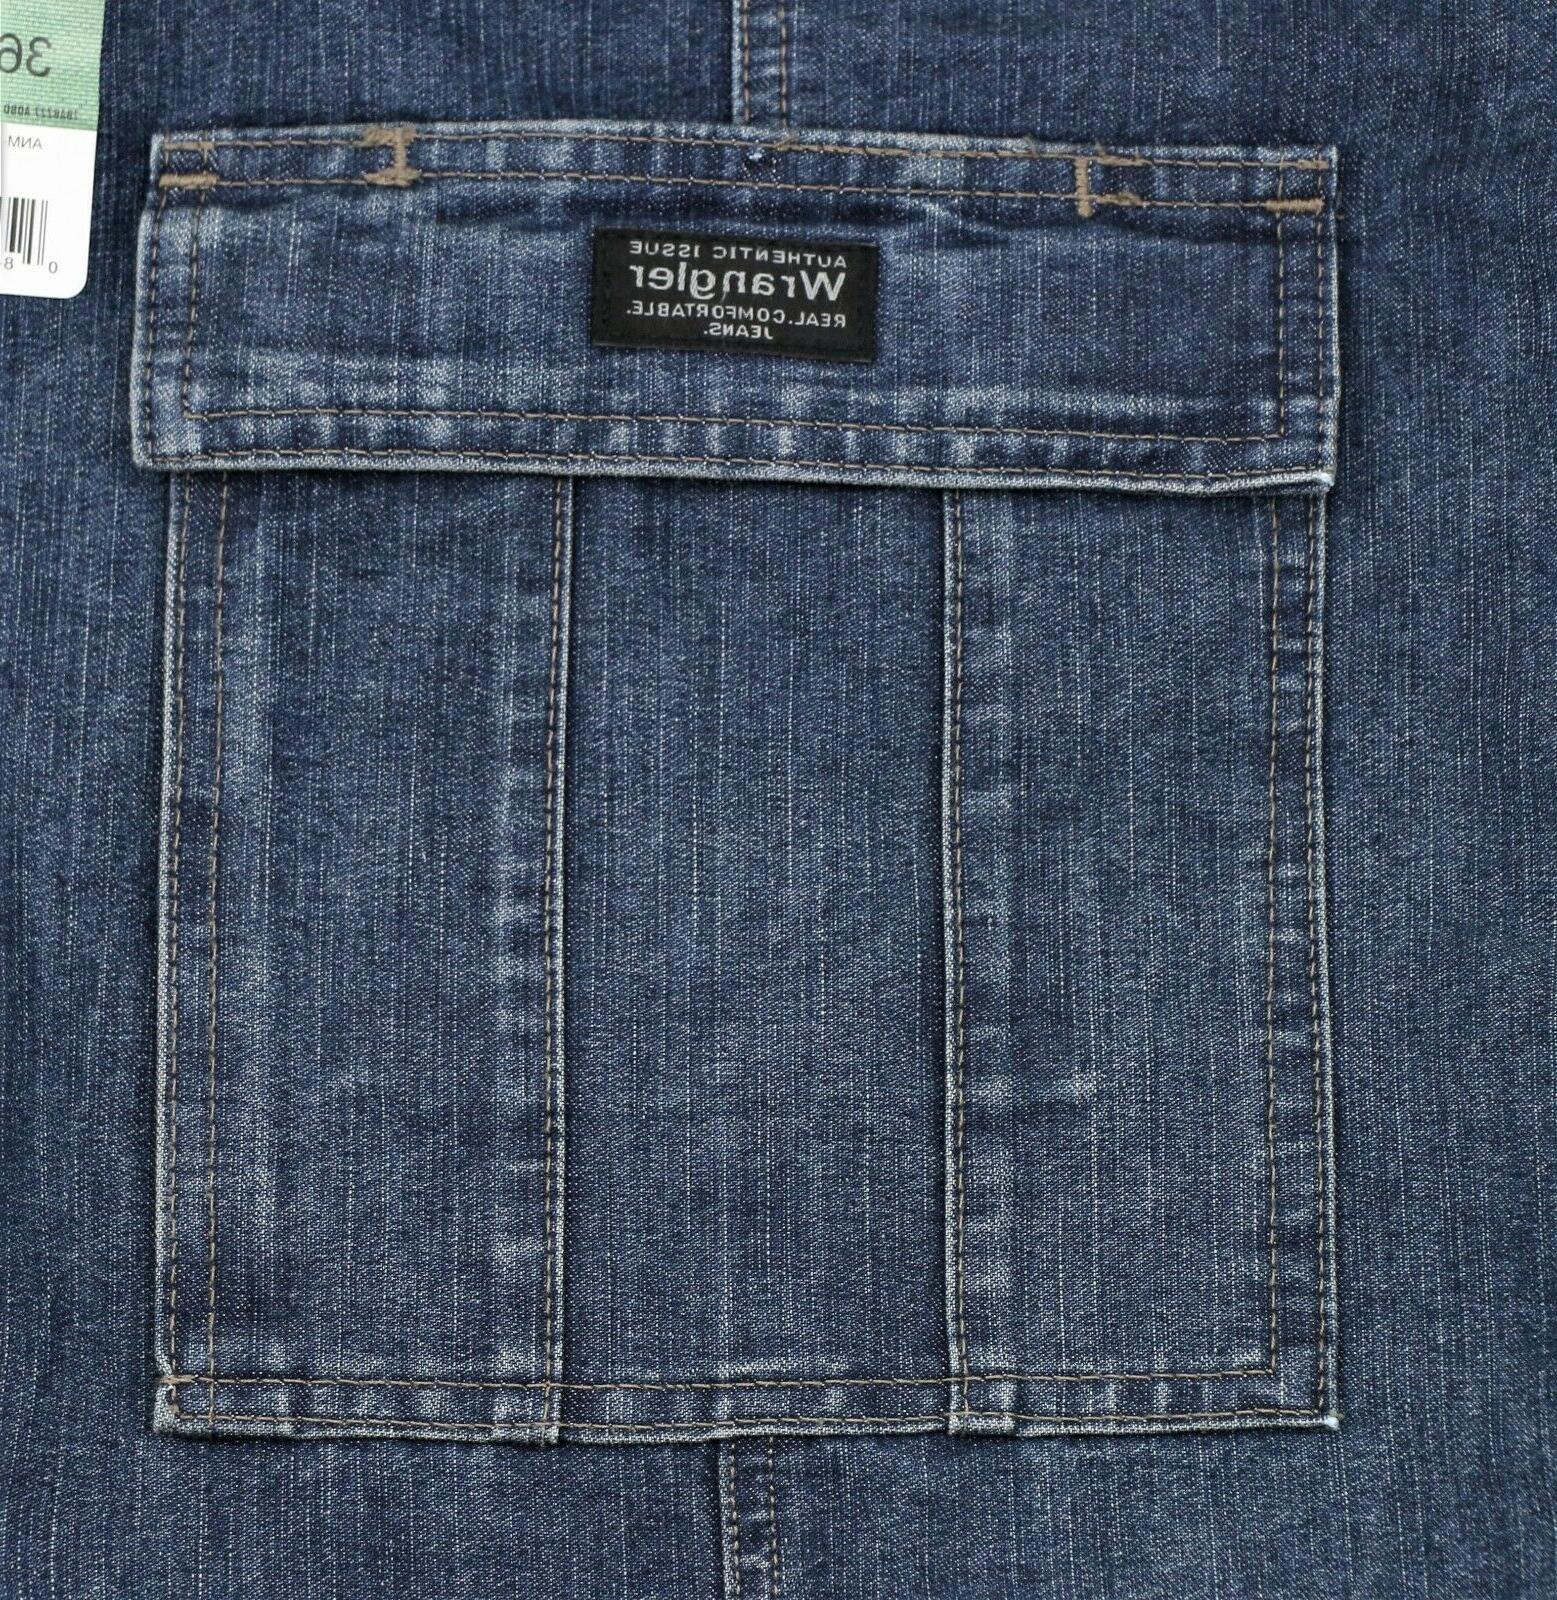 New Wrangler Jeans Dark Denim Pocket Men's Sizes